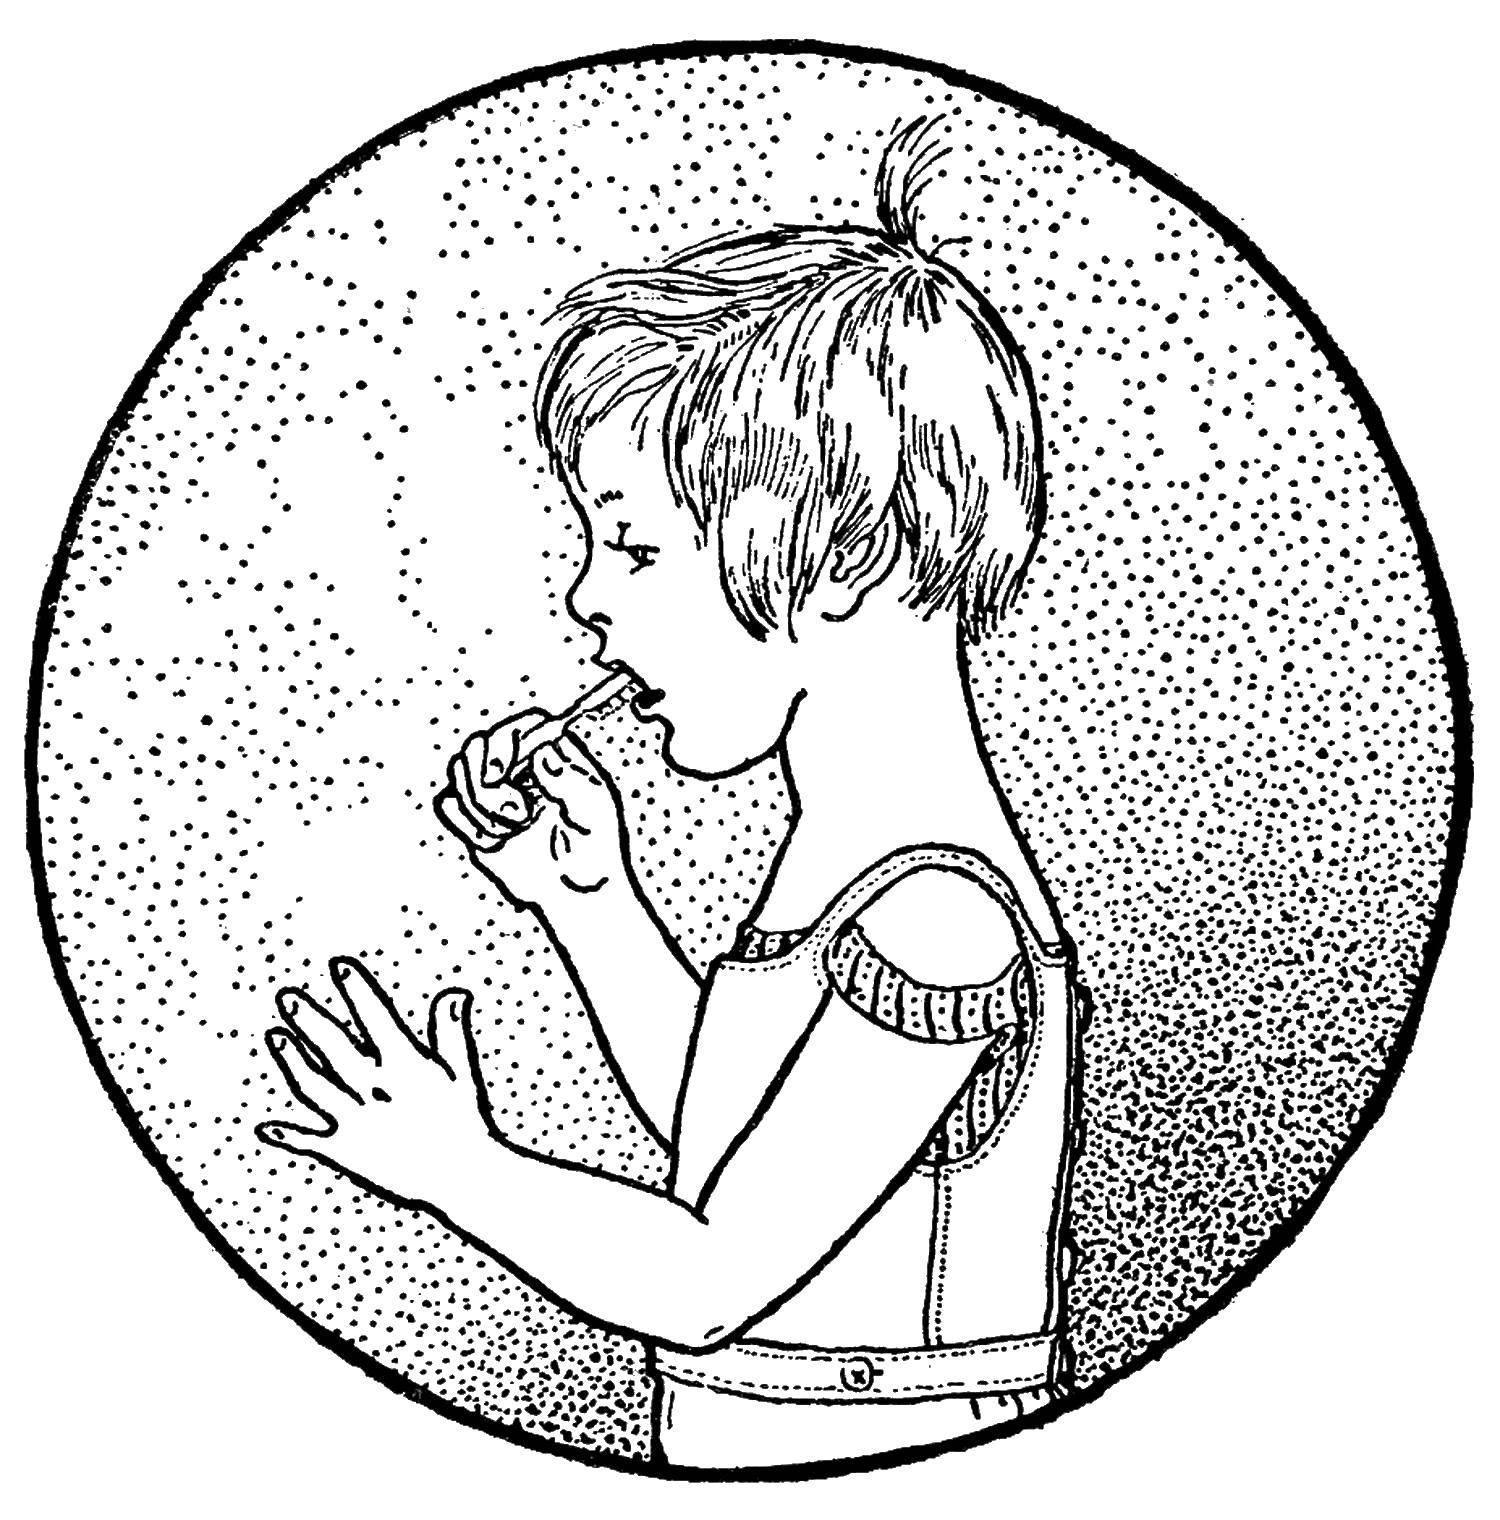 Раскраски здоровый образ жизни Раскраски про здоровый образ жизни для детей в детский сад